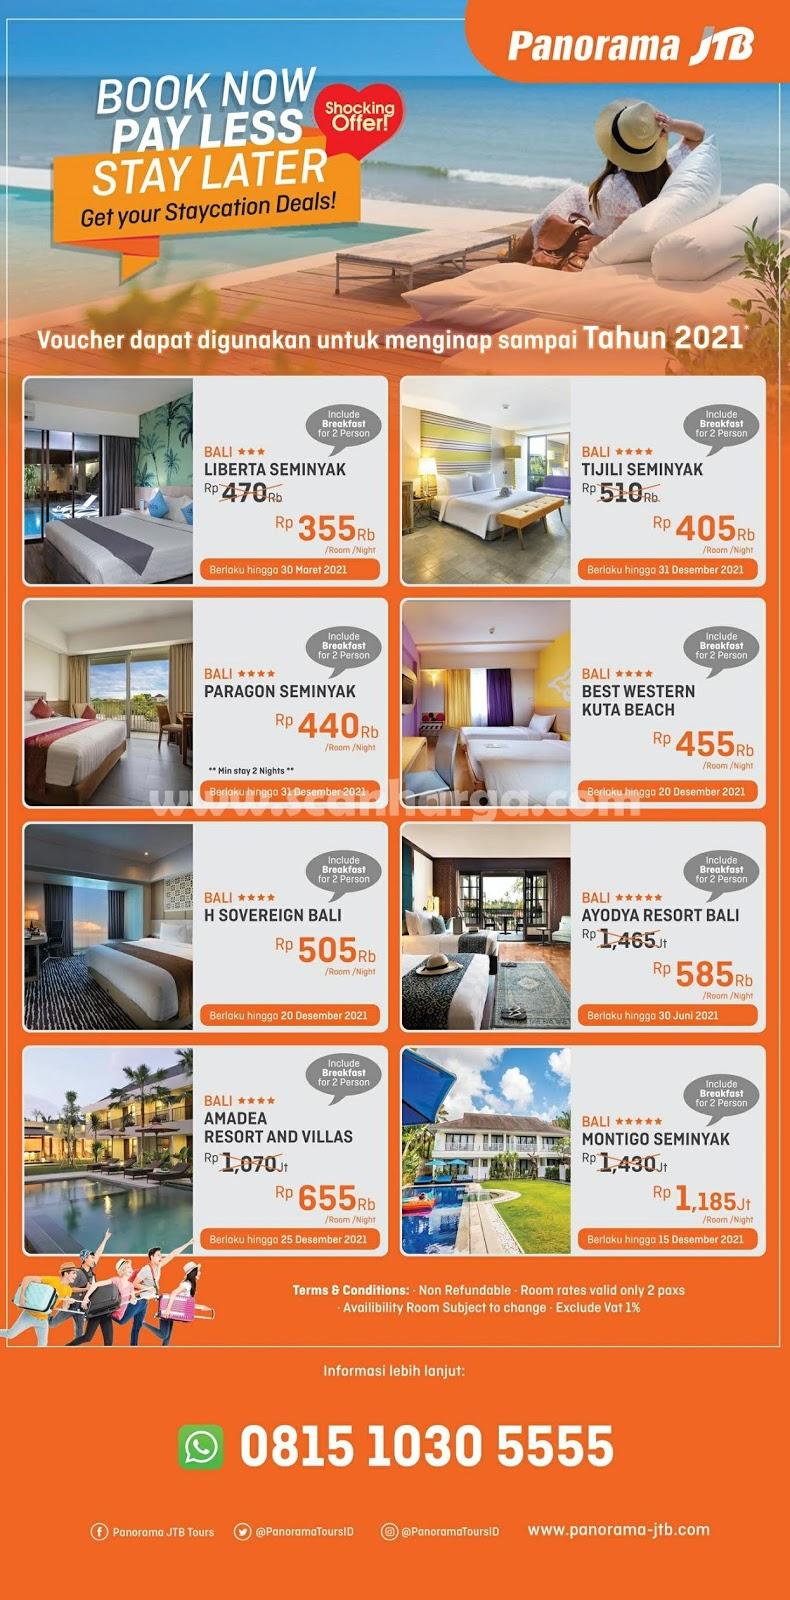 Promo Panorama JTB Tours Special Menginap Di Hotel Bali Harga Hanya 1 Jutaan 2020